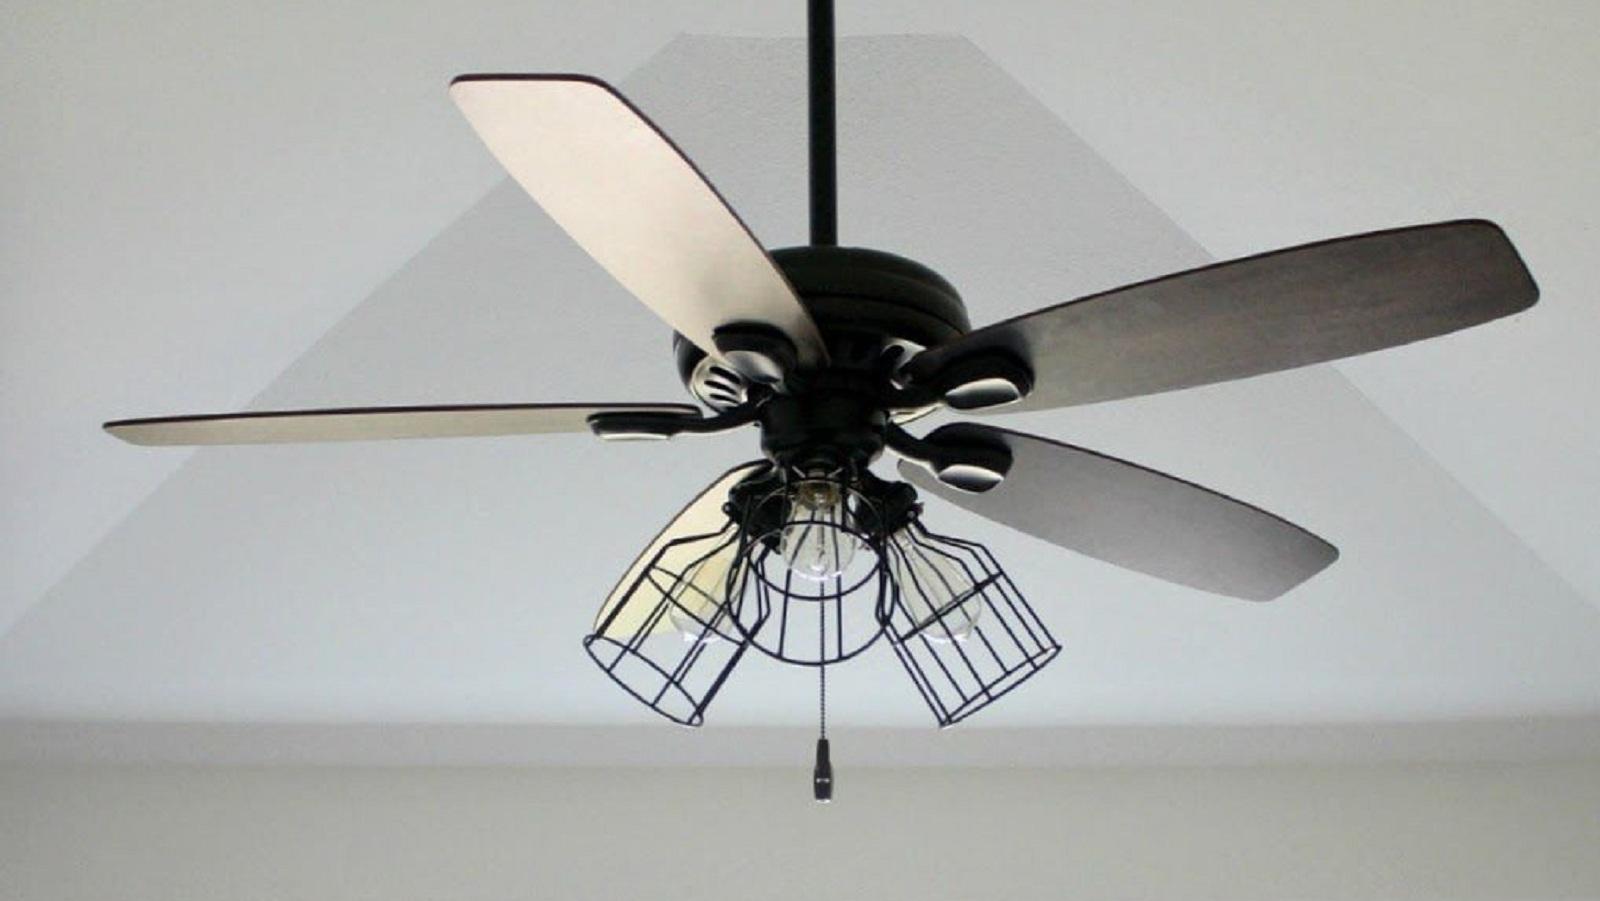 Concrete Ceiling Fan : Ceiling fan installation electrician singapore hdb